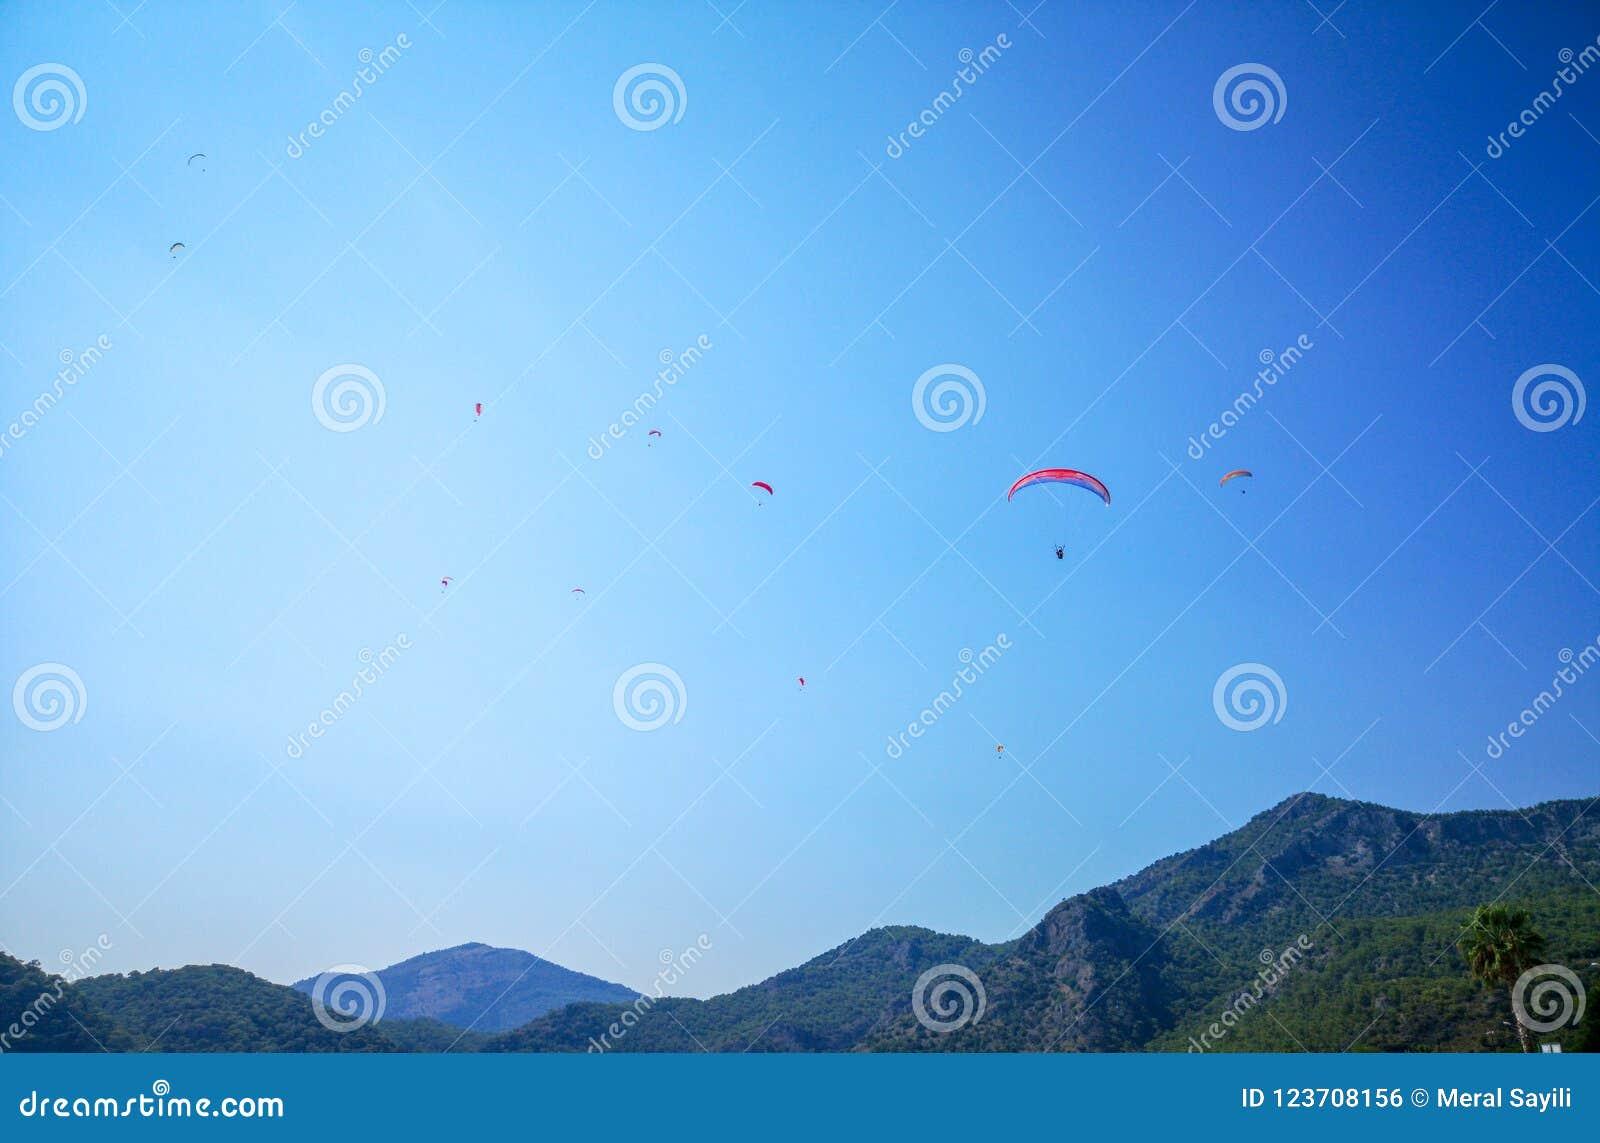 Grupa lata wysoko nad zielony wzgórze w lata niebieskim niebie parachuters, Fethiye, Mugla